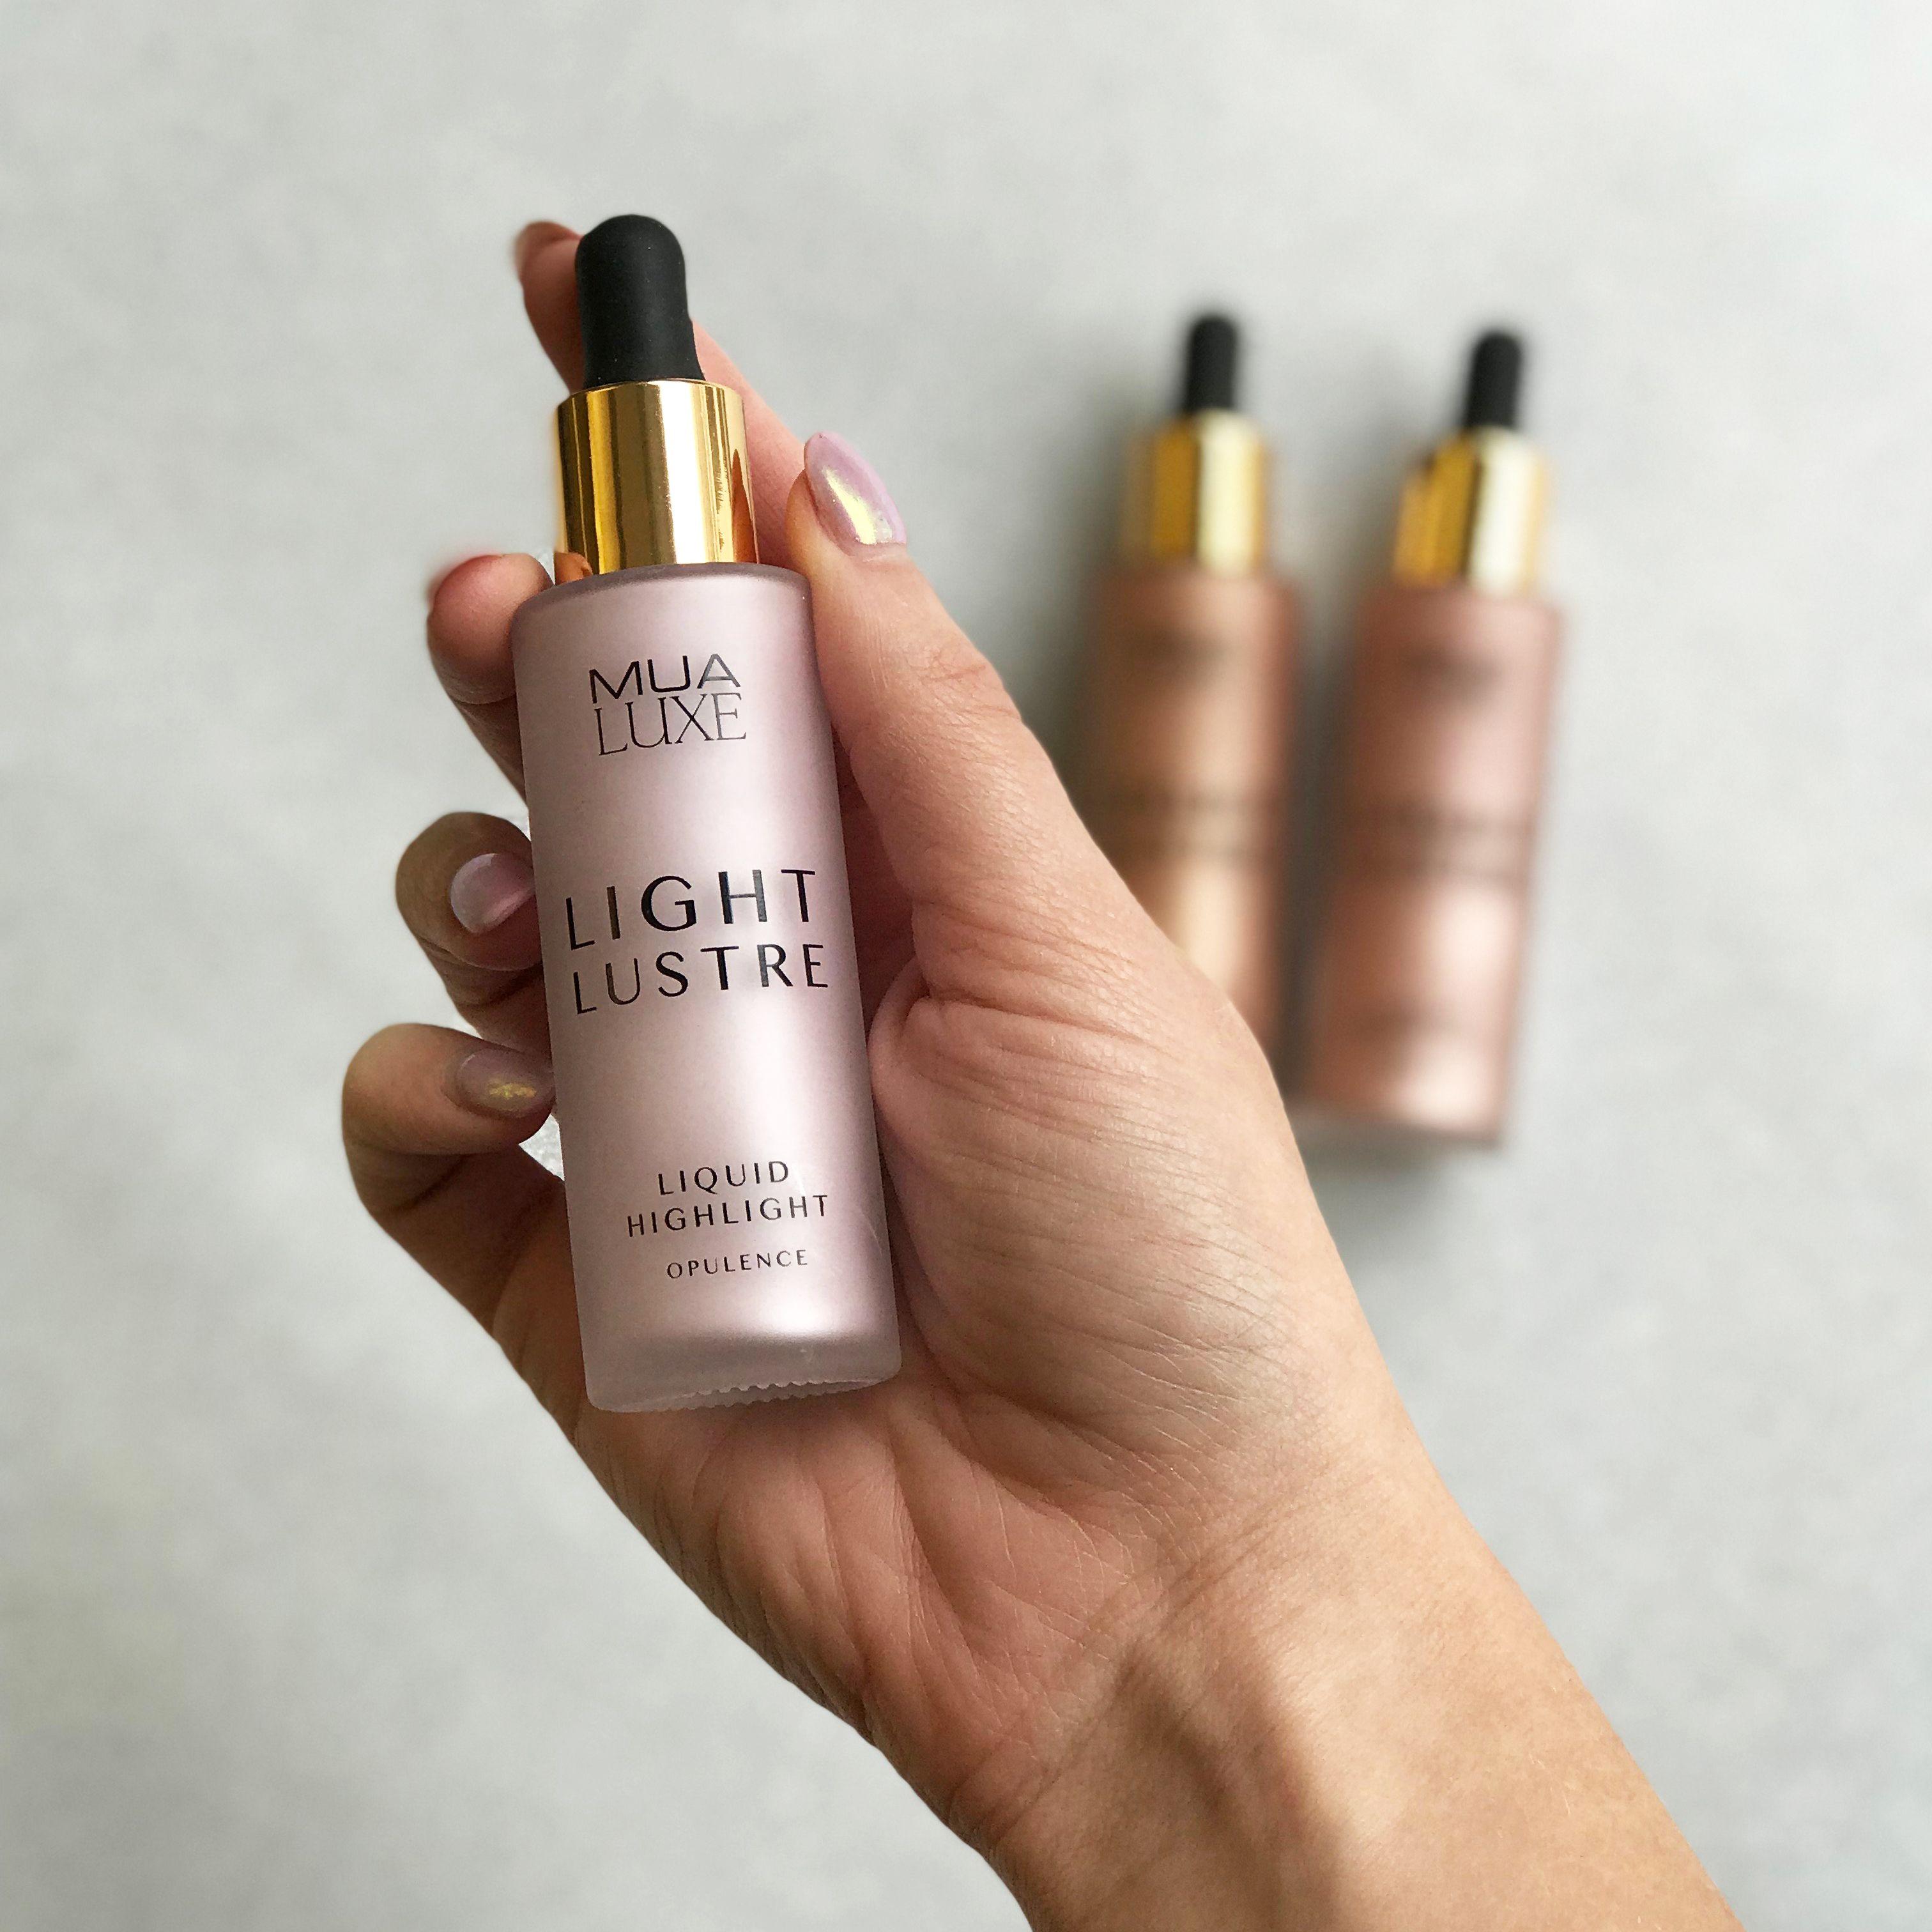 Light Lustre liquid highlighter drops from MUA Cosmetics